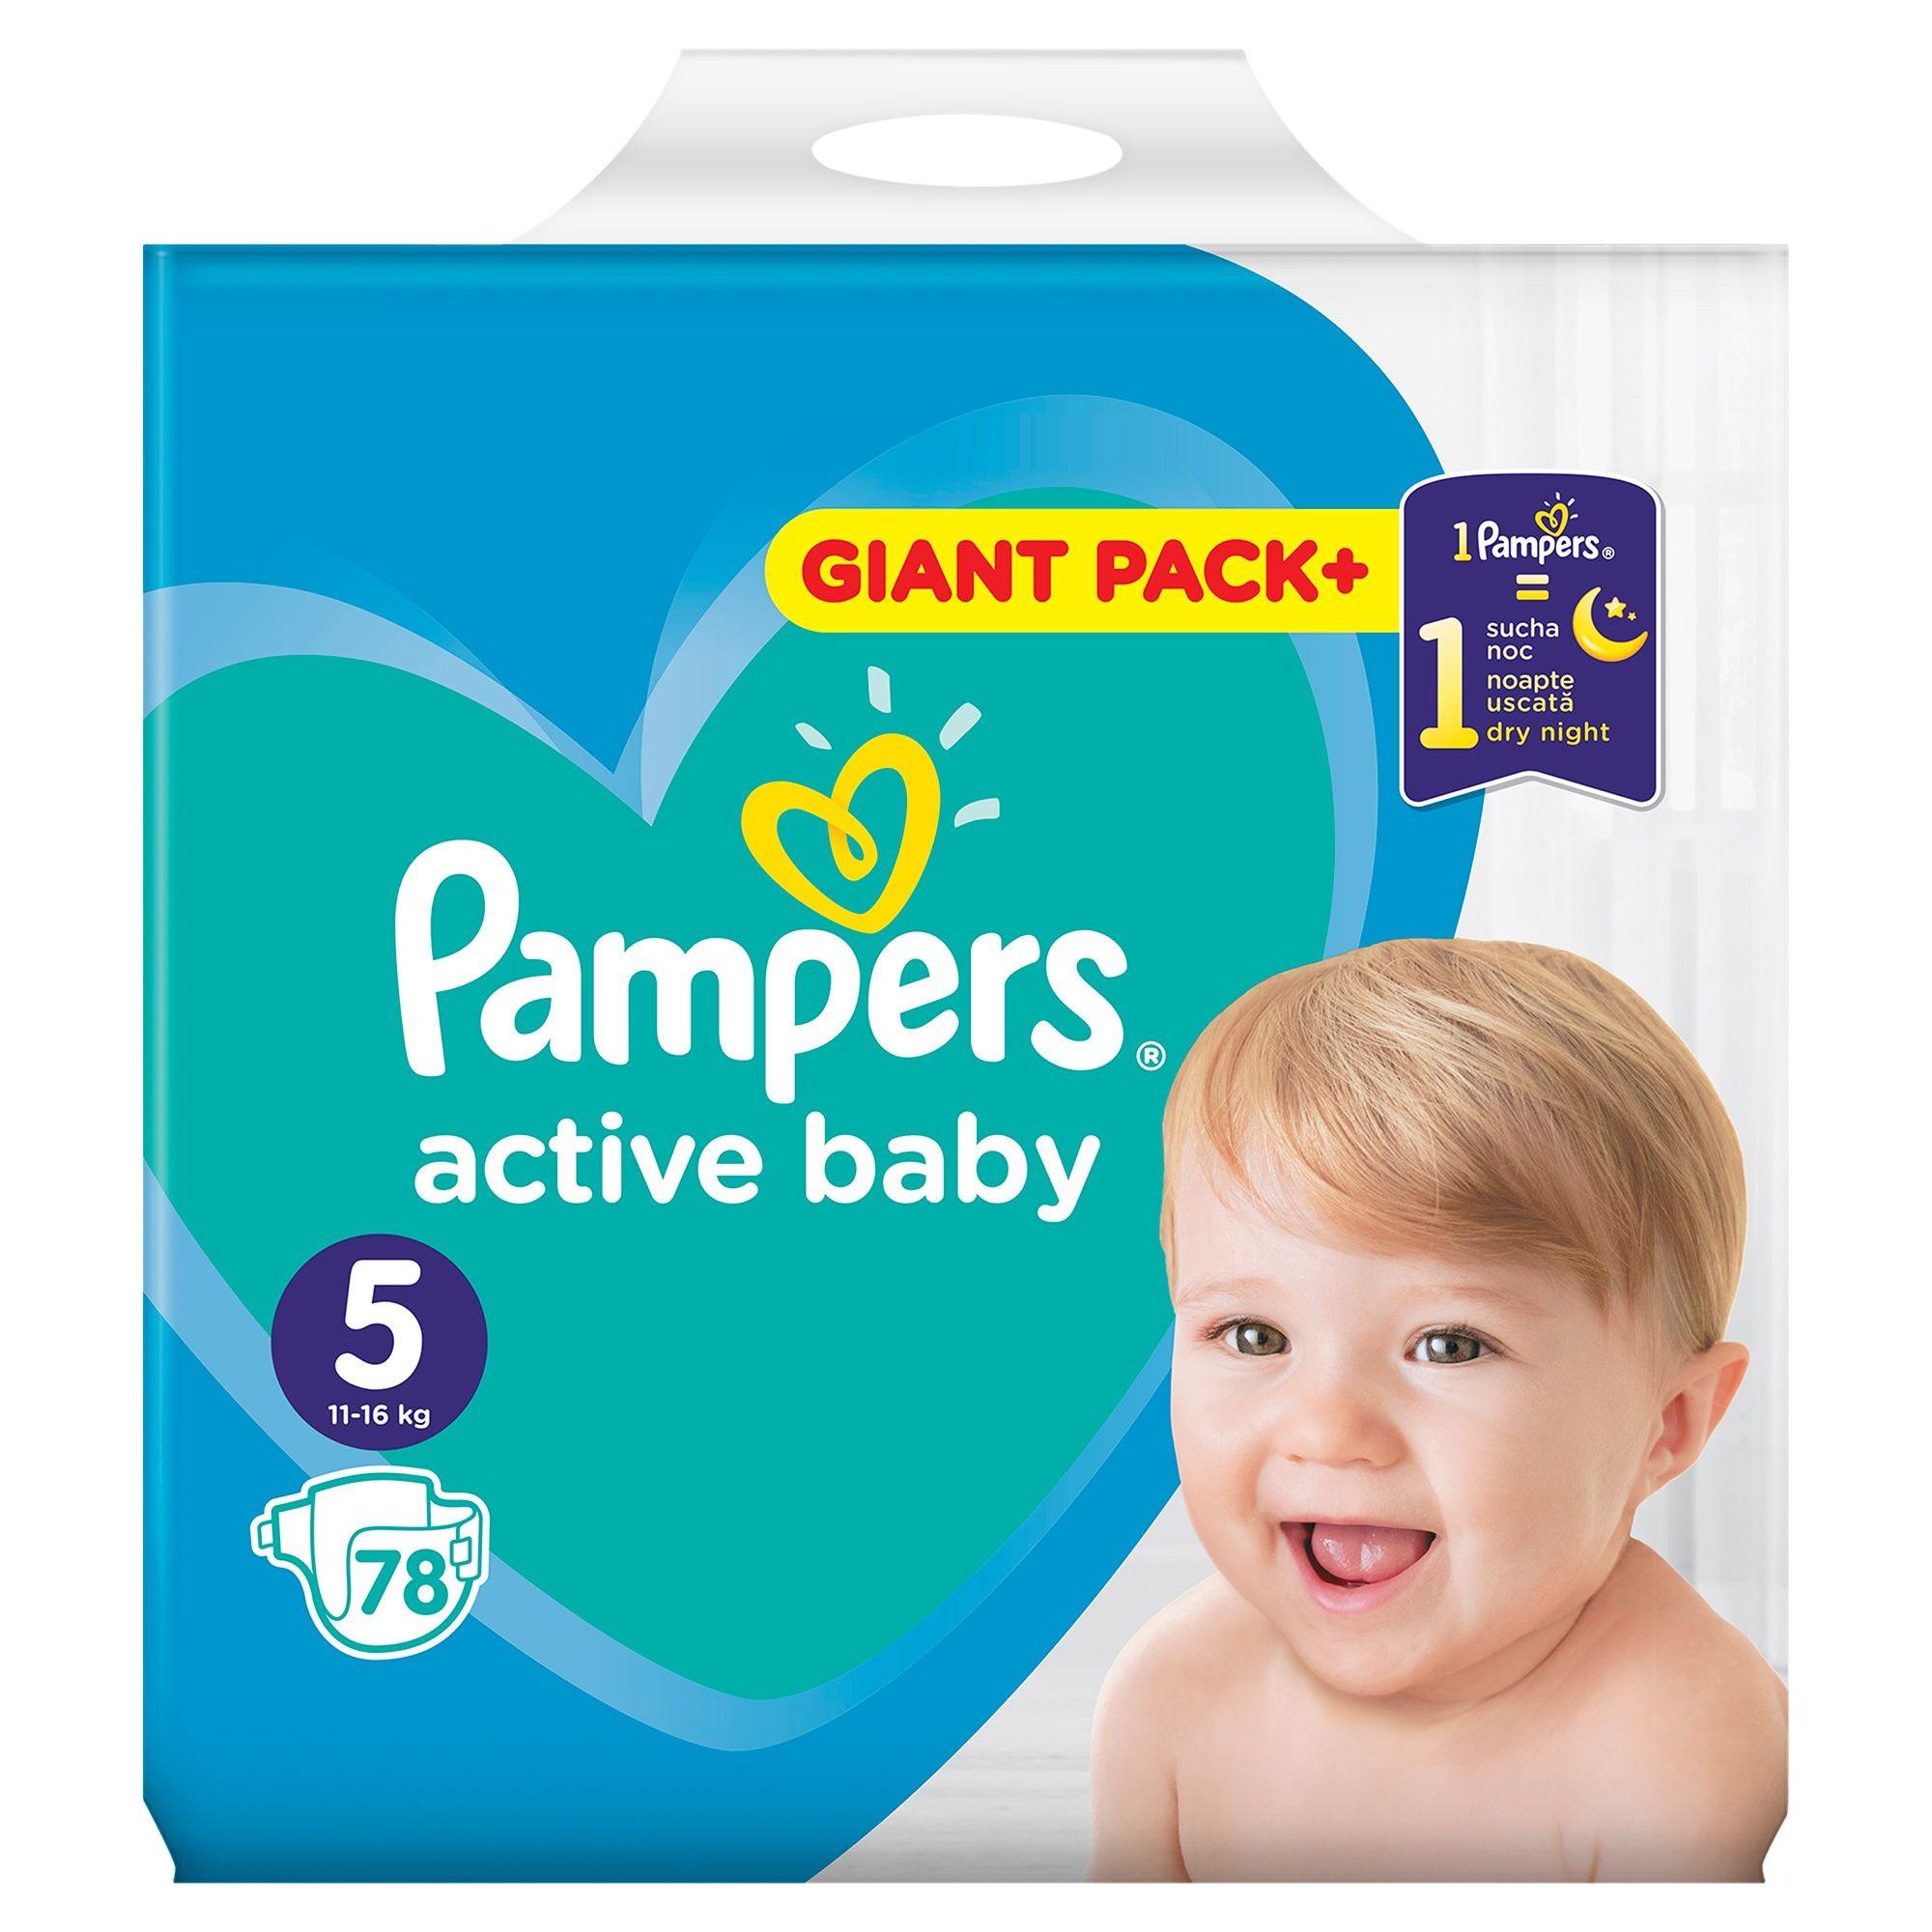 Pampers active baby giant pack rozm. 2,3,4,5 Biedronka 39,99zł lub starsza wersja (zielona paczka) 34,99zł